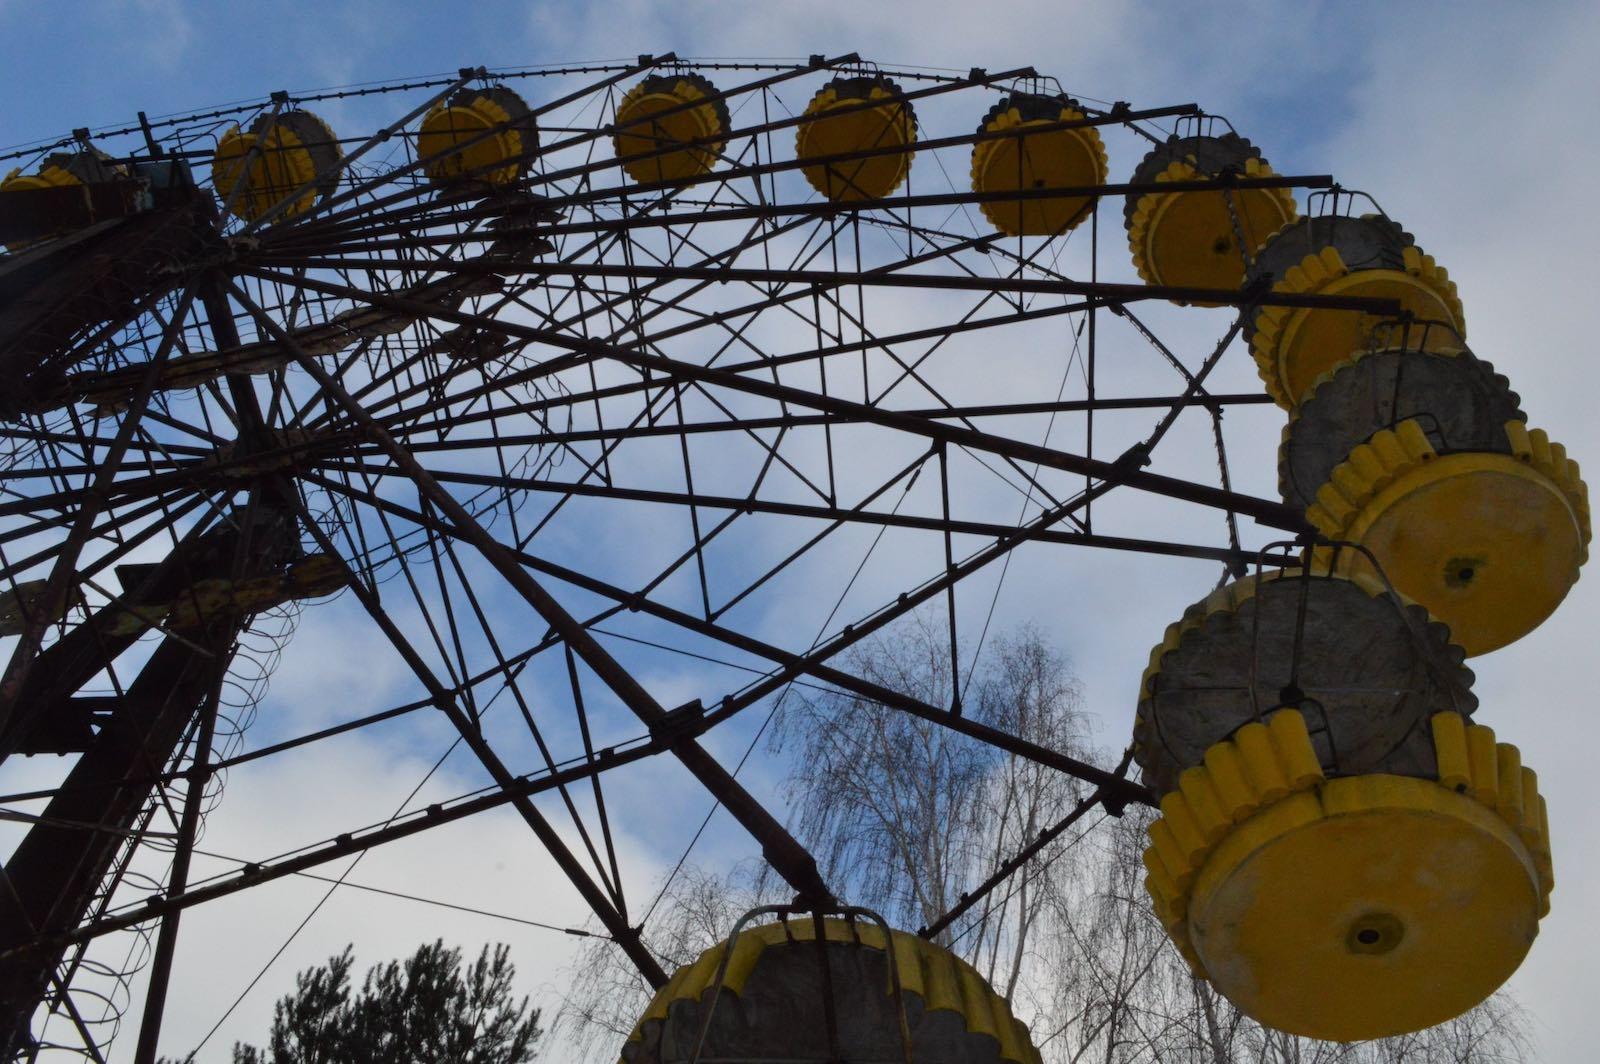 The abandoned fairground at Chernobyl (Photo: Ian Bancroft/Flickr)